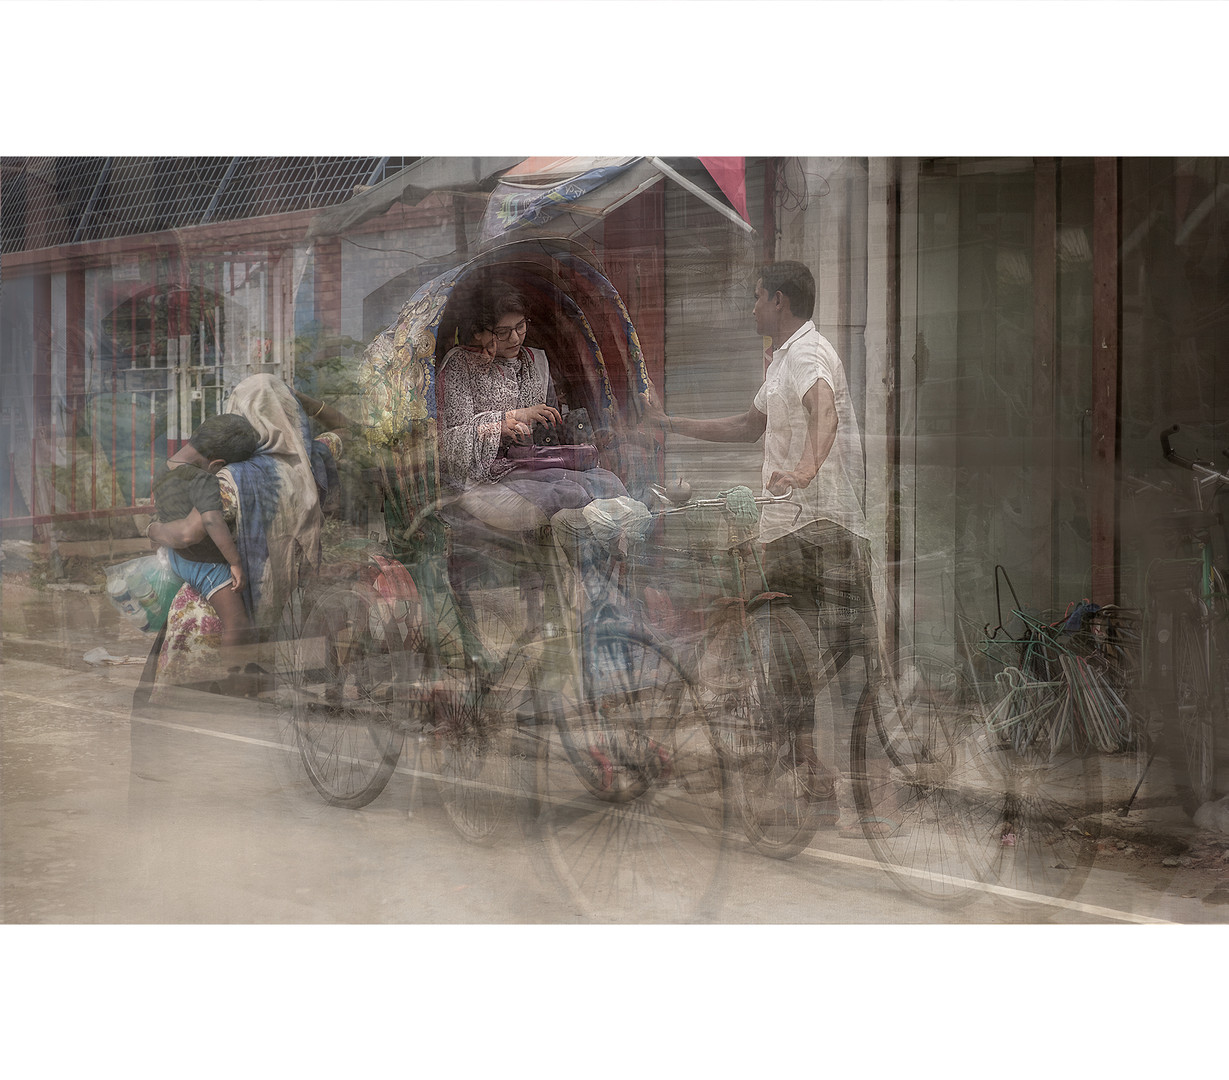 Dhaka_impressions_2048_DSCF3794.jpg